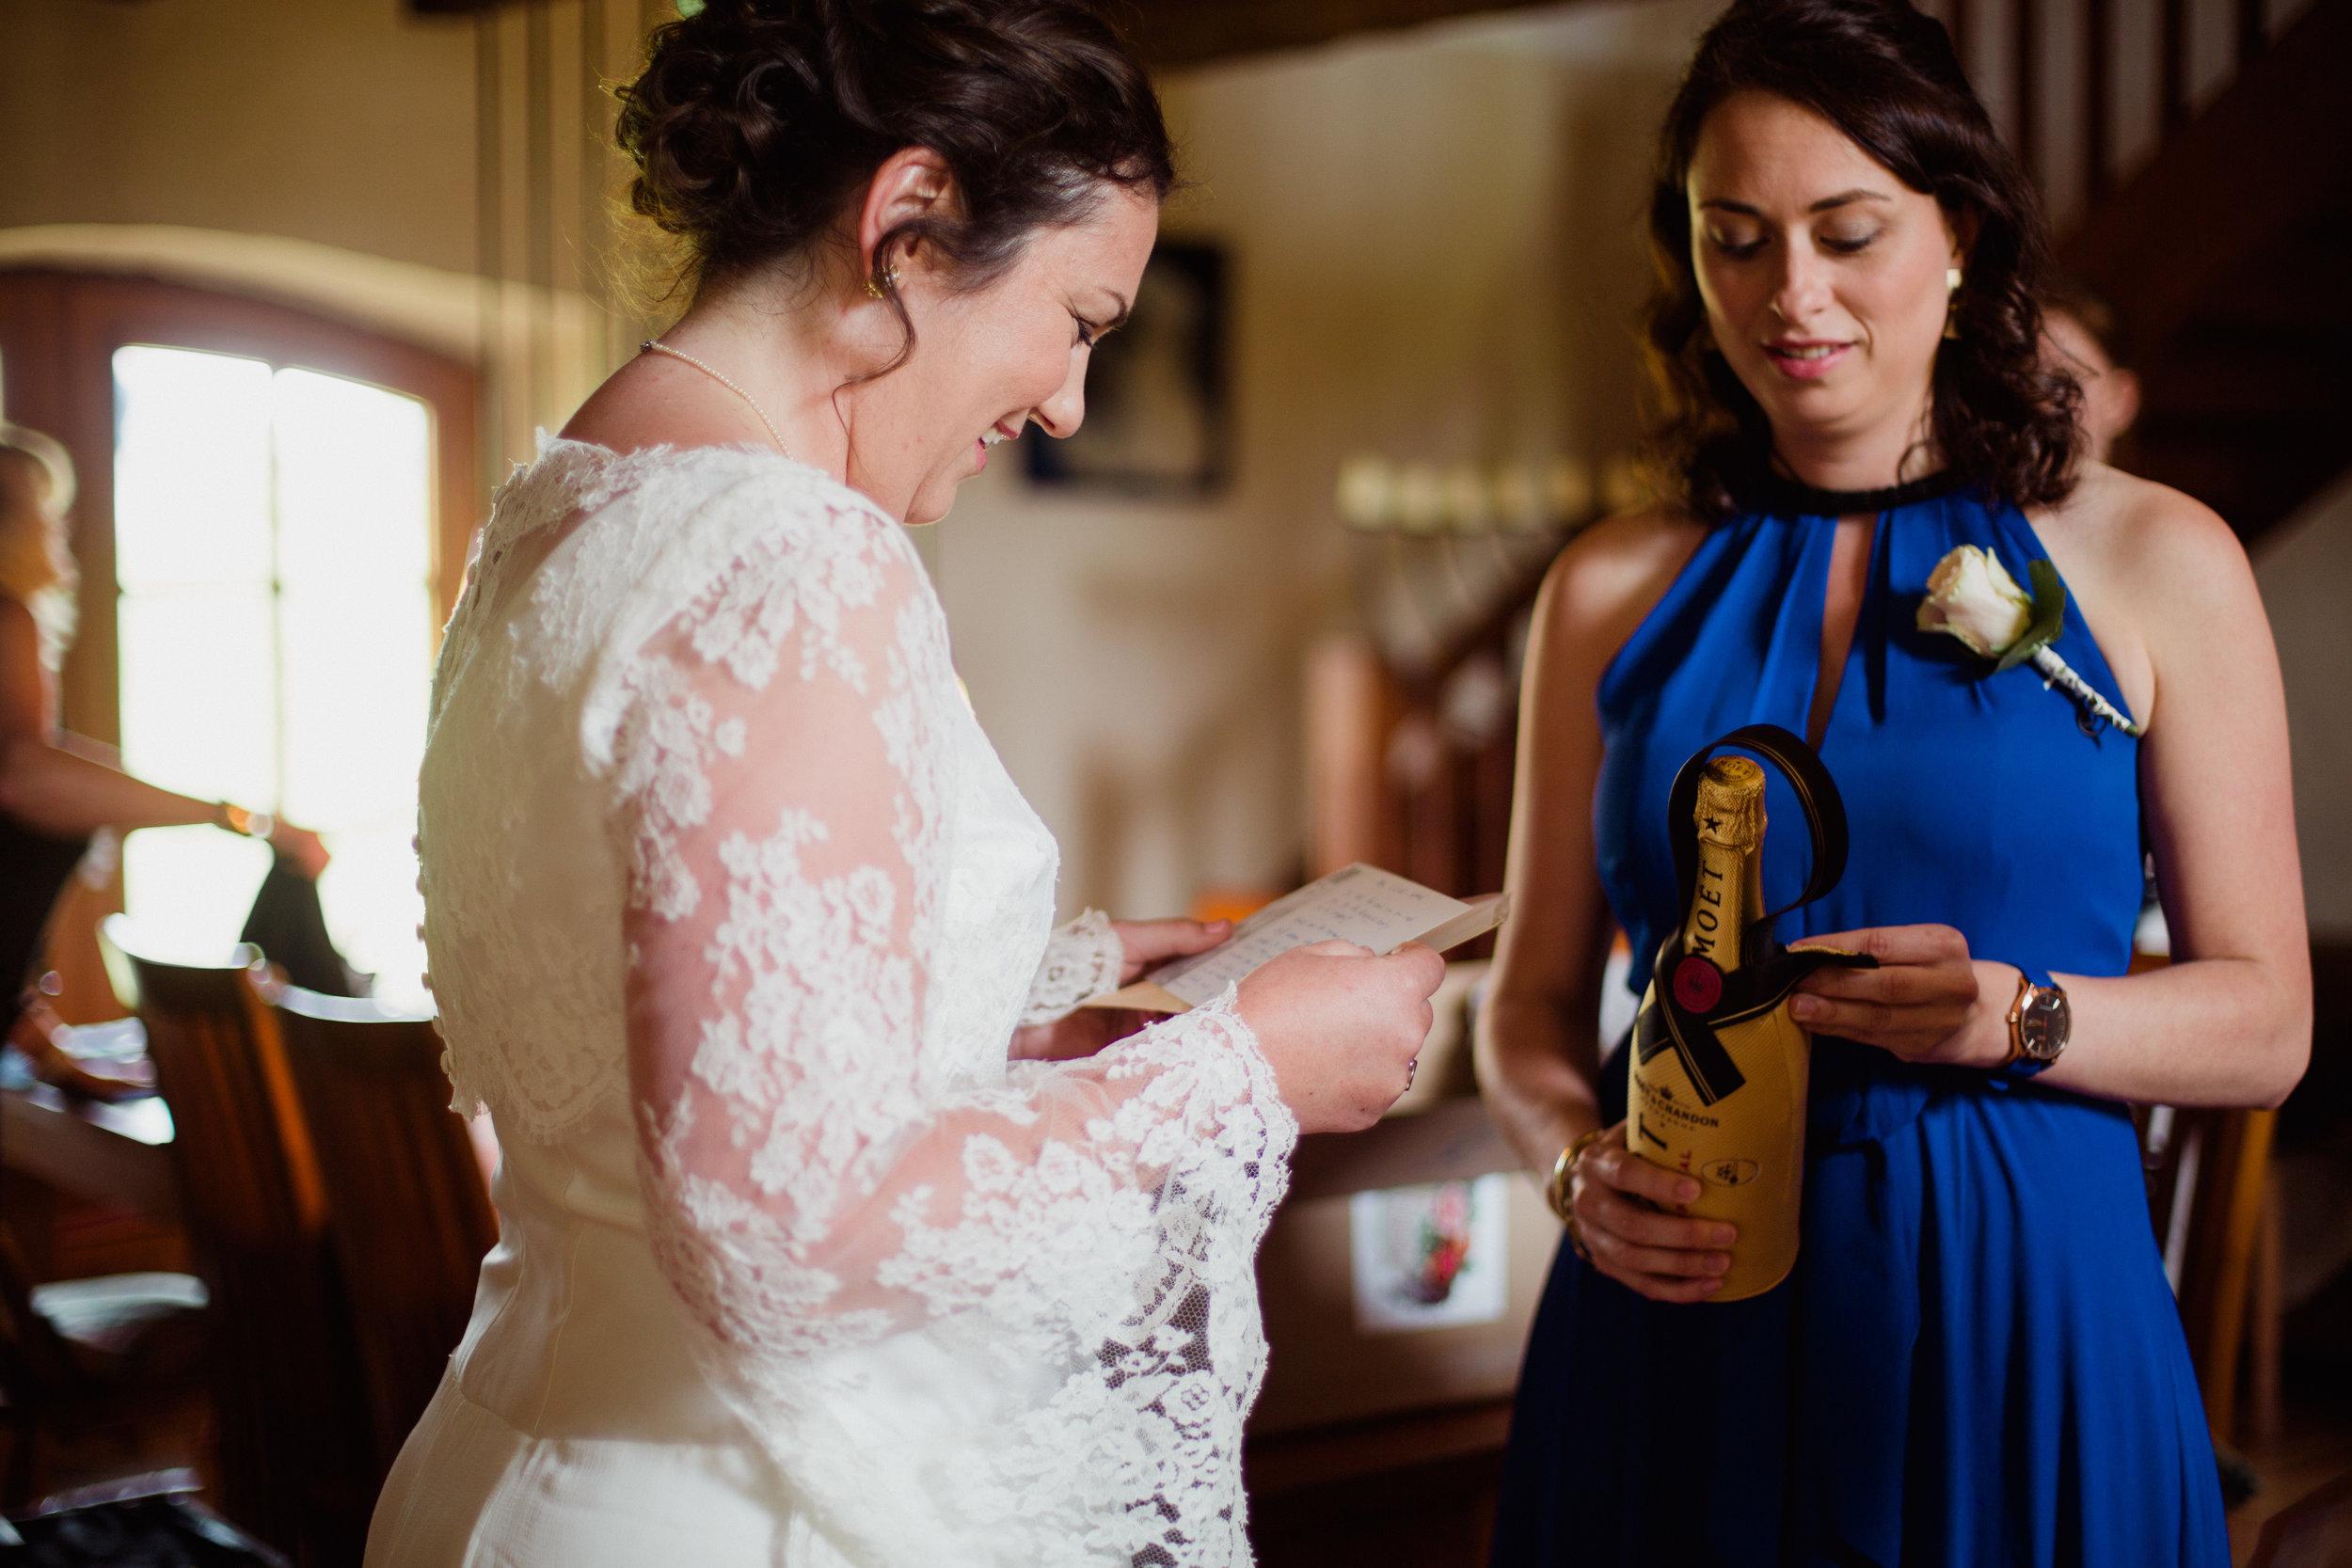 mariage lesbien gay Bergerac Dordogne Photographe Pauline Maroussia P Bordeaux